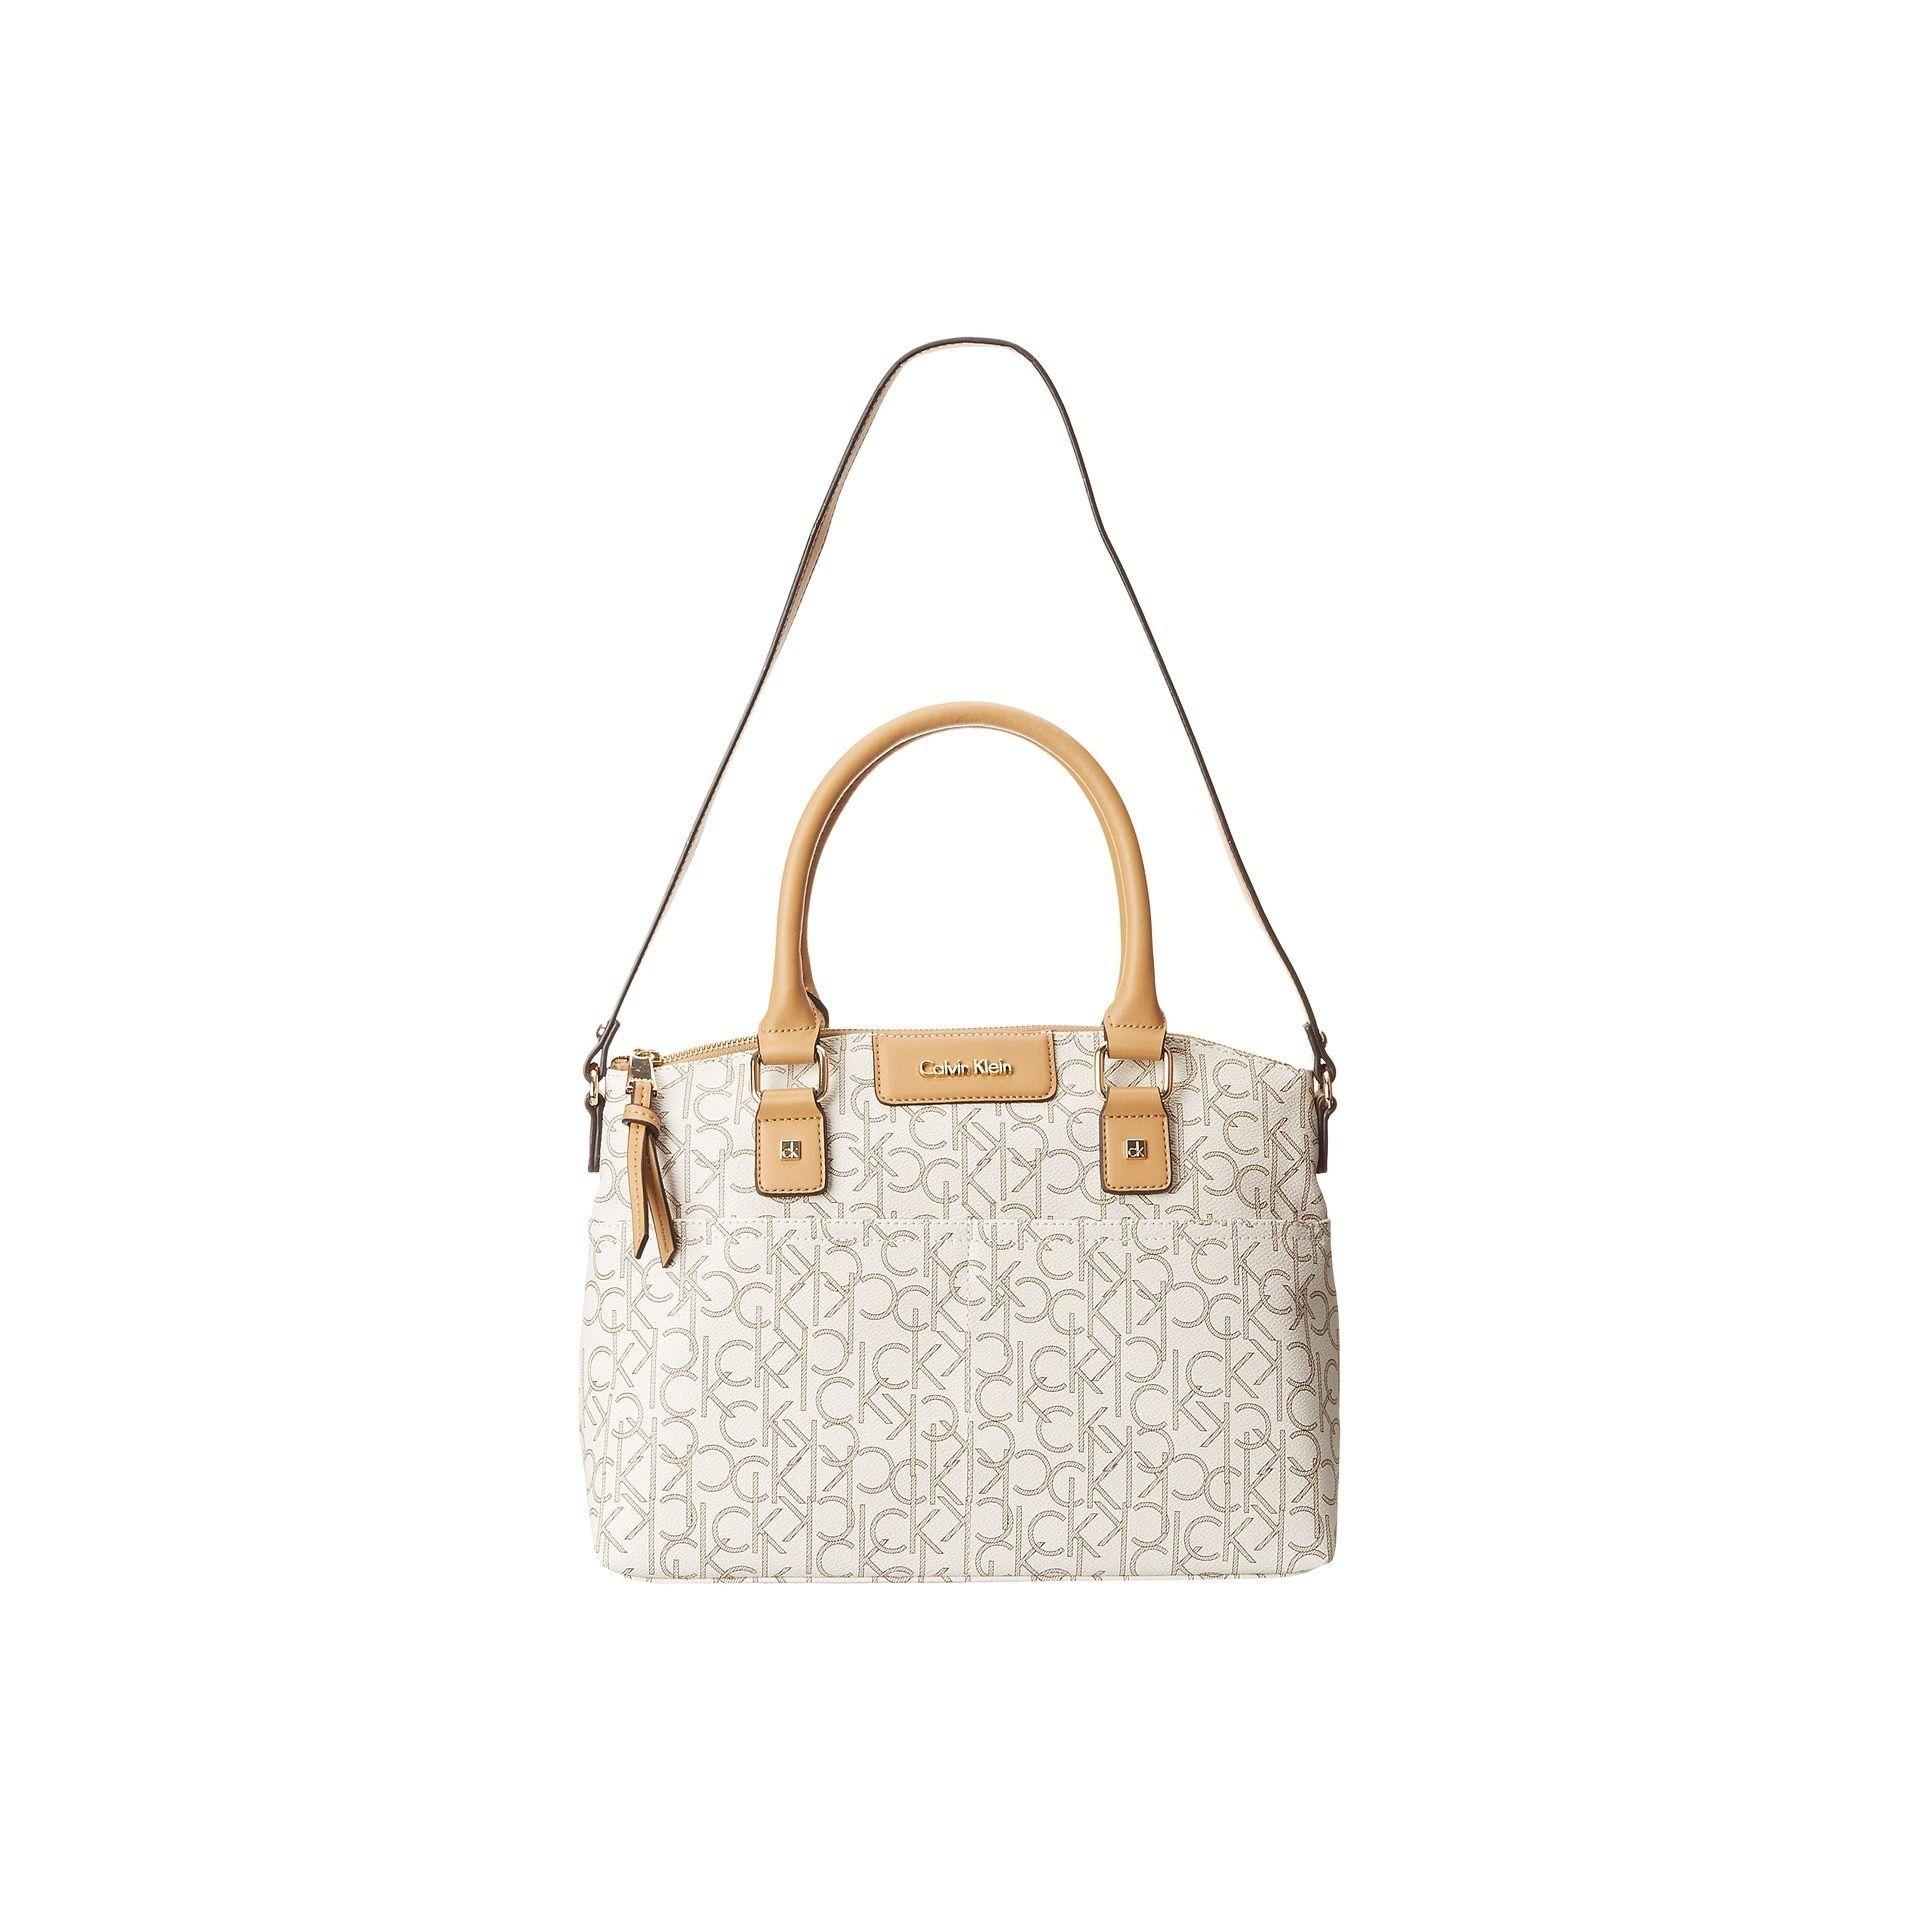 2f6b615ac5 Calvin Klein Hudson CK Monogram | Handbag obsession | Calvin klein ...